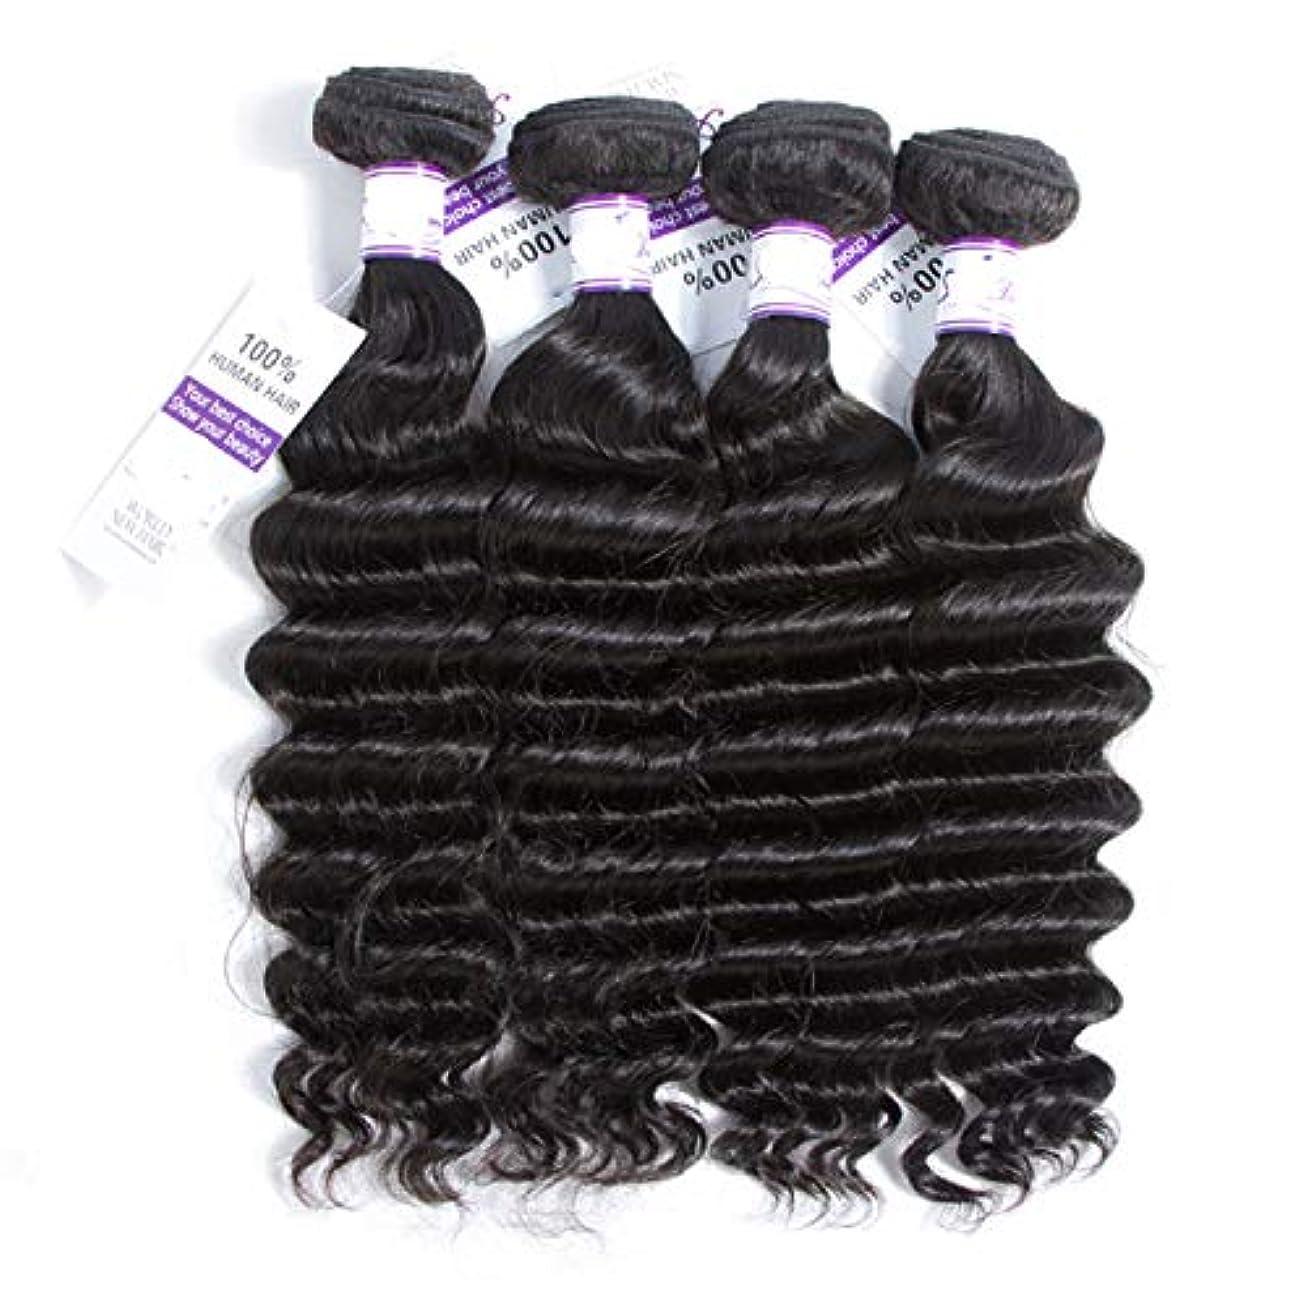 ブラジルルースウェーブヘアー人間の髪の毛の束非レミーの毛延長ナチュラルブラック4個 (Length : 22 24 26 28)